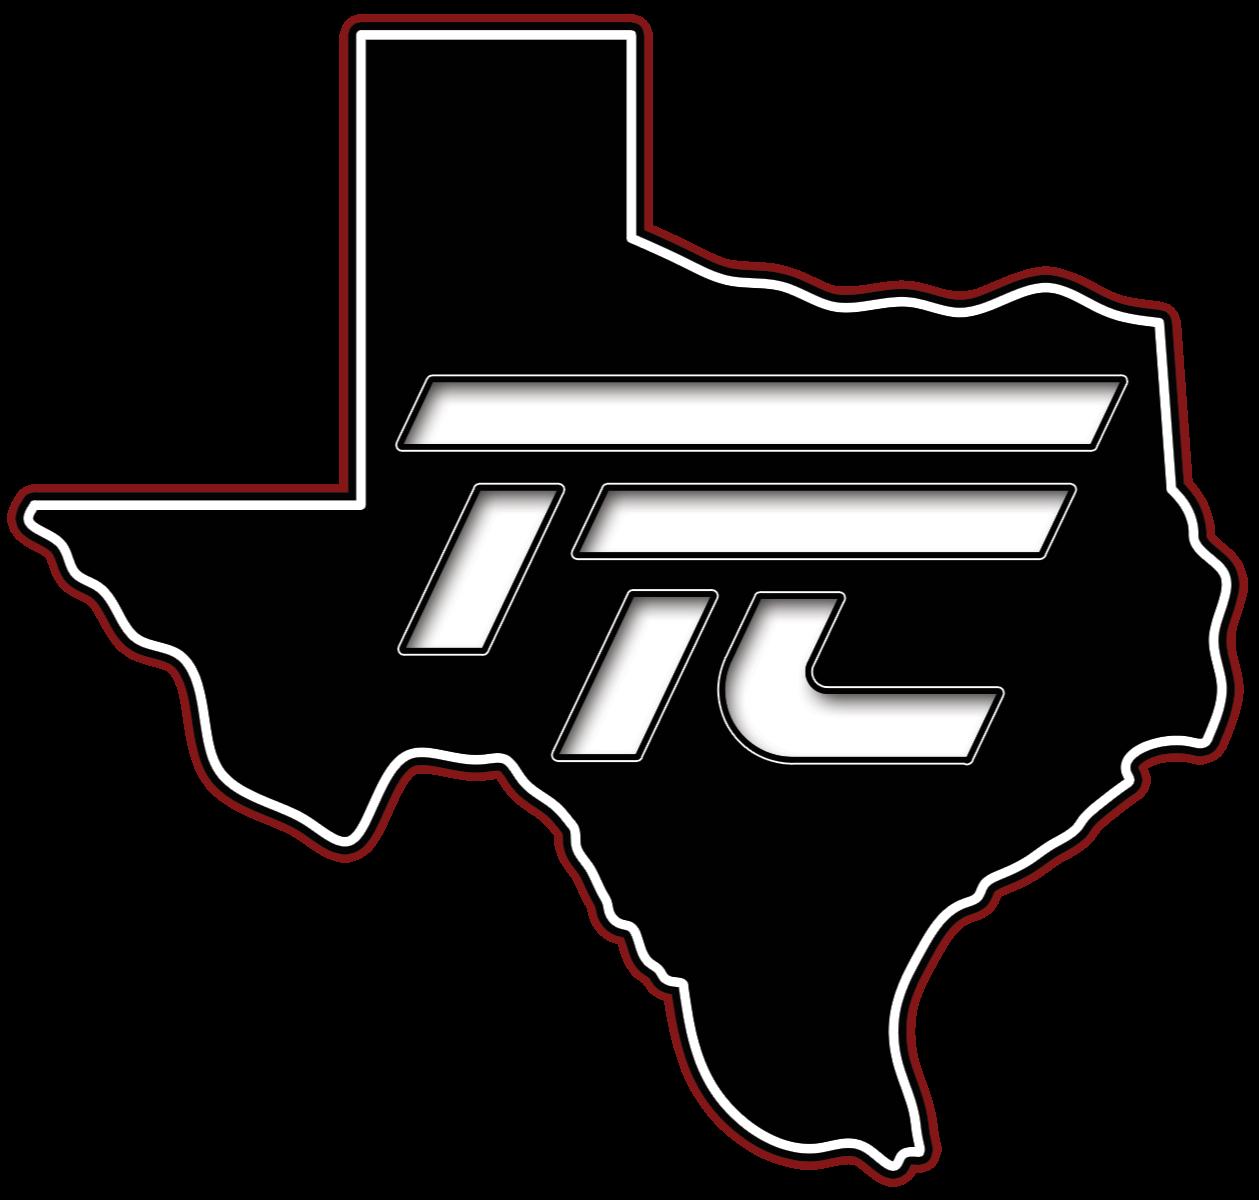 www.texastoughcustoms.com